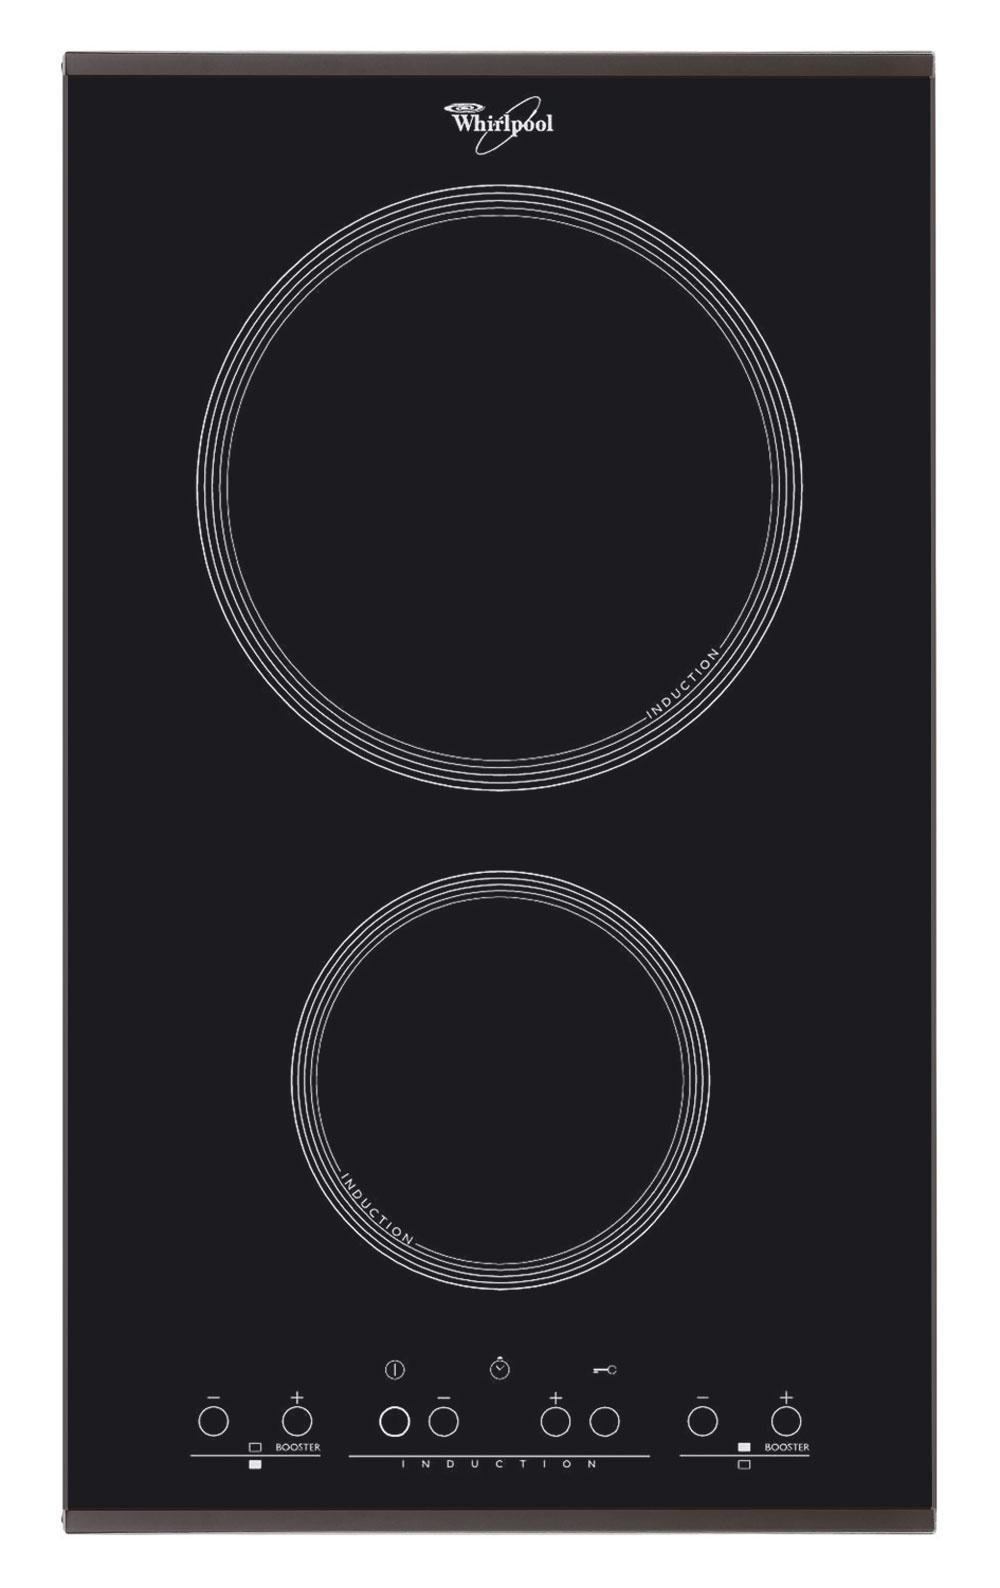 Indukčná varná doska Whirlpool ACM 712 so sklokeramickým povrchom má šírku 30 cm a dotykové ovládanie. Odporúčaná cena 349 €.